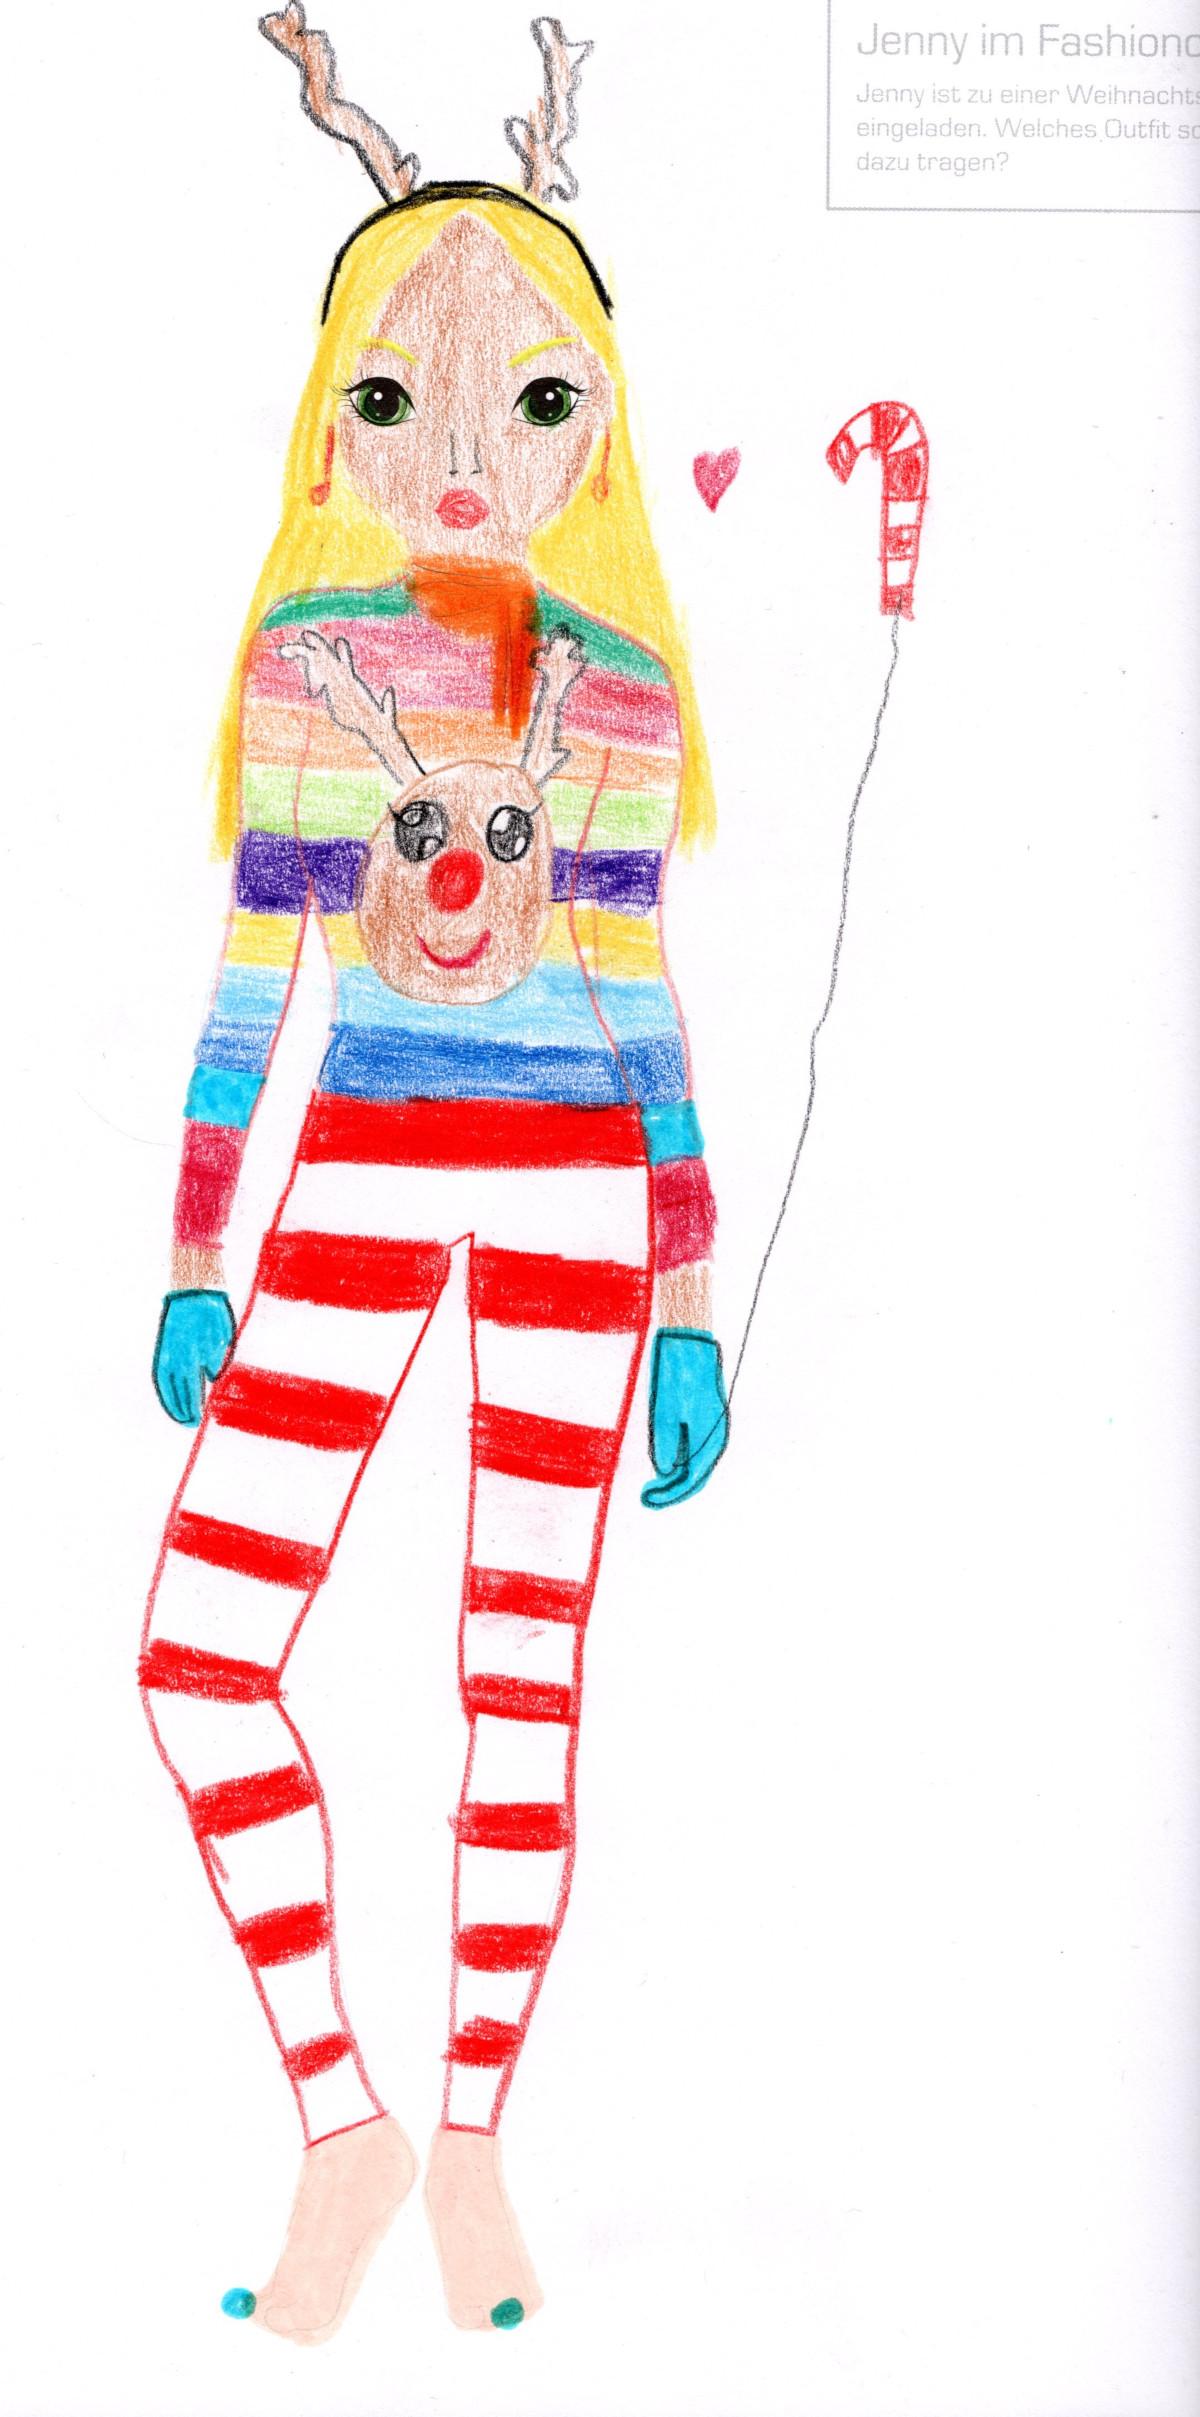 Lynn K., 10 Jahre, aus Mühlheim am Main